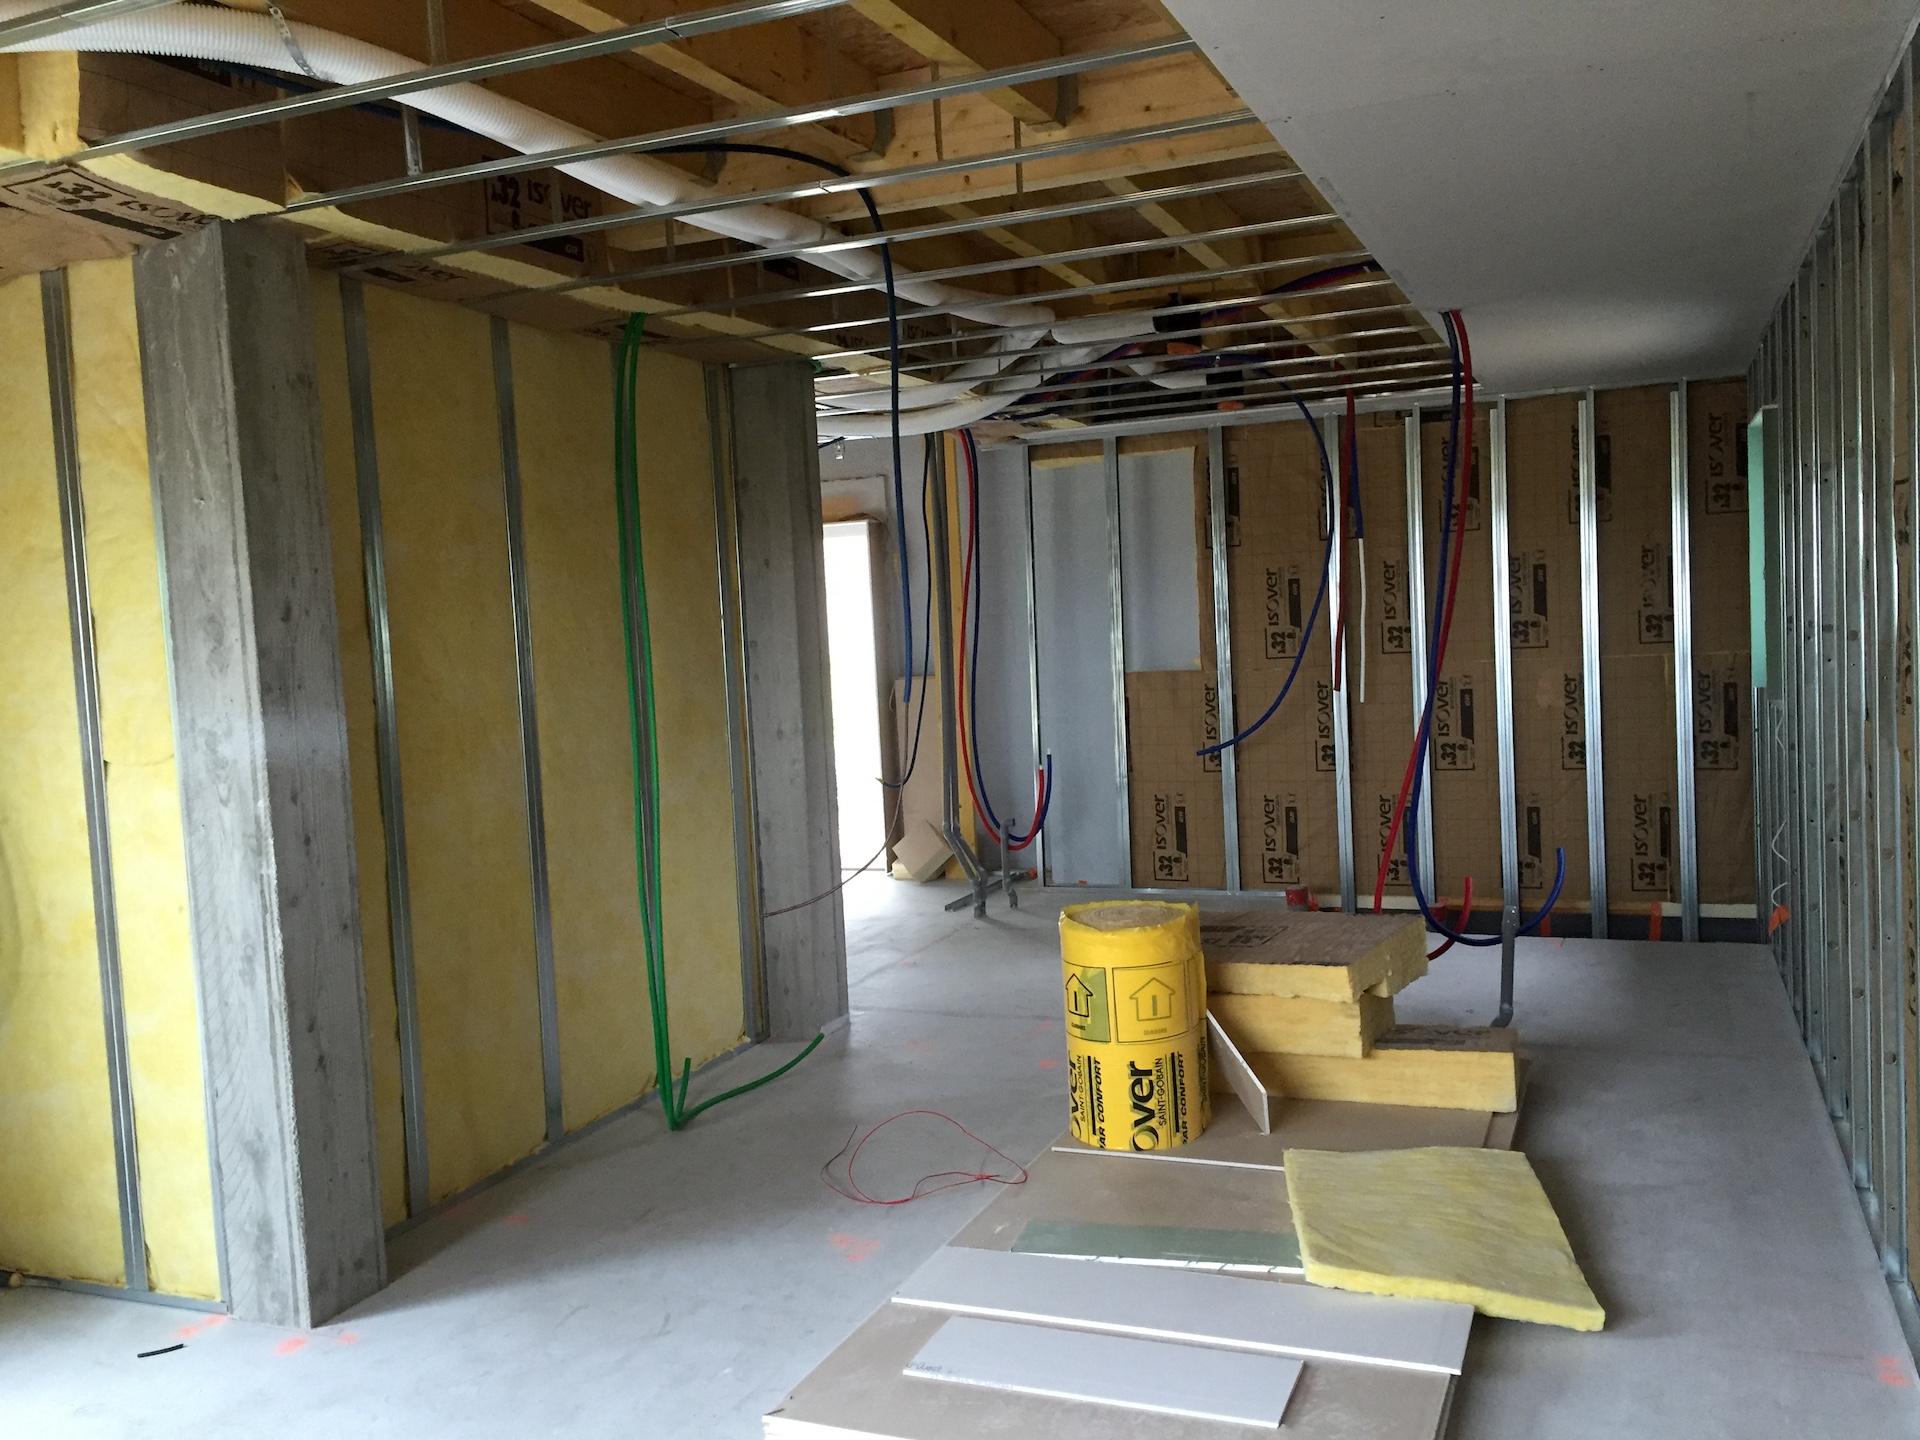 isolation et am nagement int rieur d 39 une maison passive a pommeret. Black Bedroom Furniture Sets. Home Design Ideas